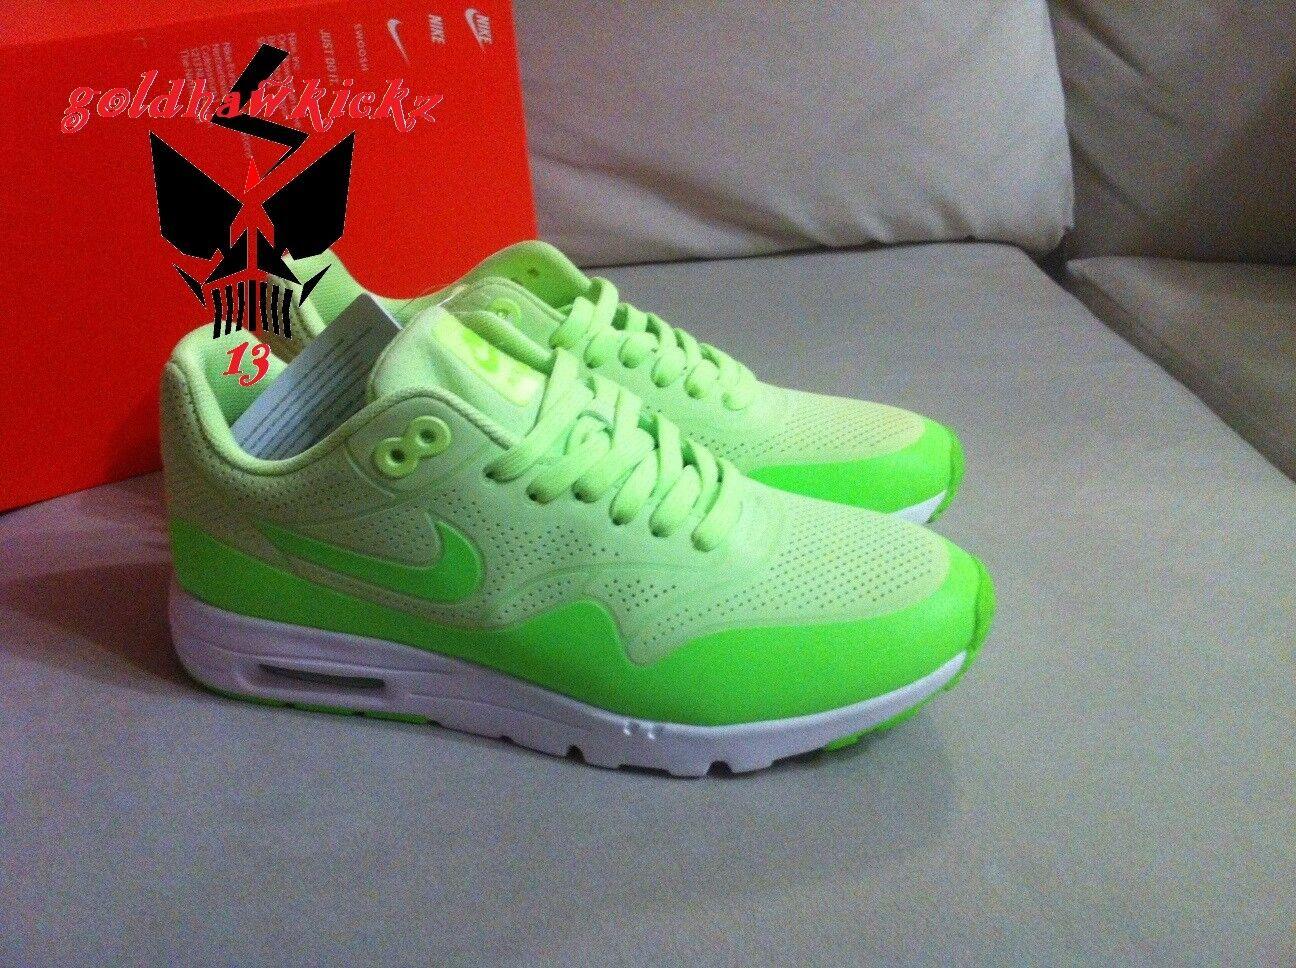 Nike air max 1 ultra verde  704995 302 3M jedi fantasma verde volt run  marchio in liquidazione